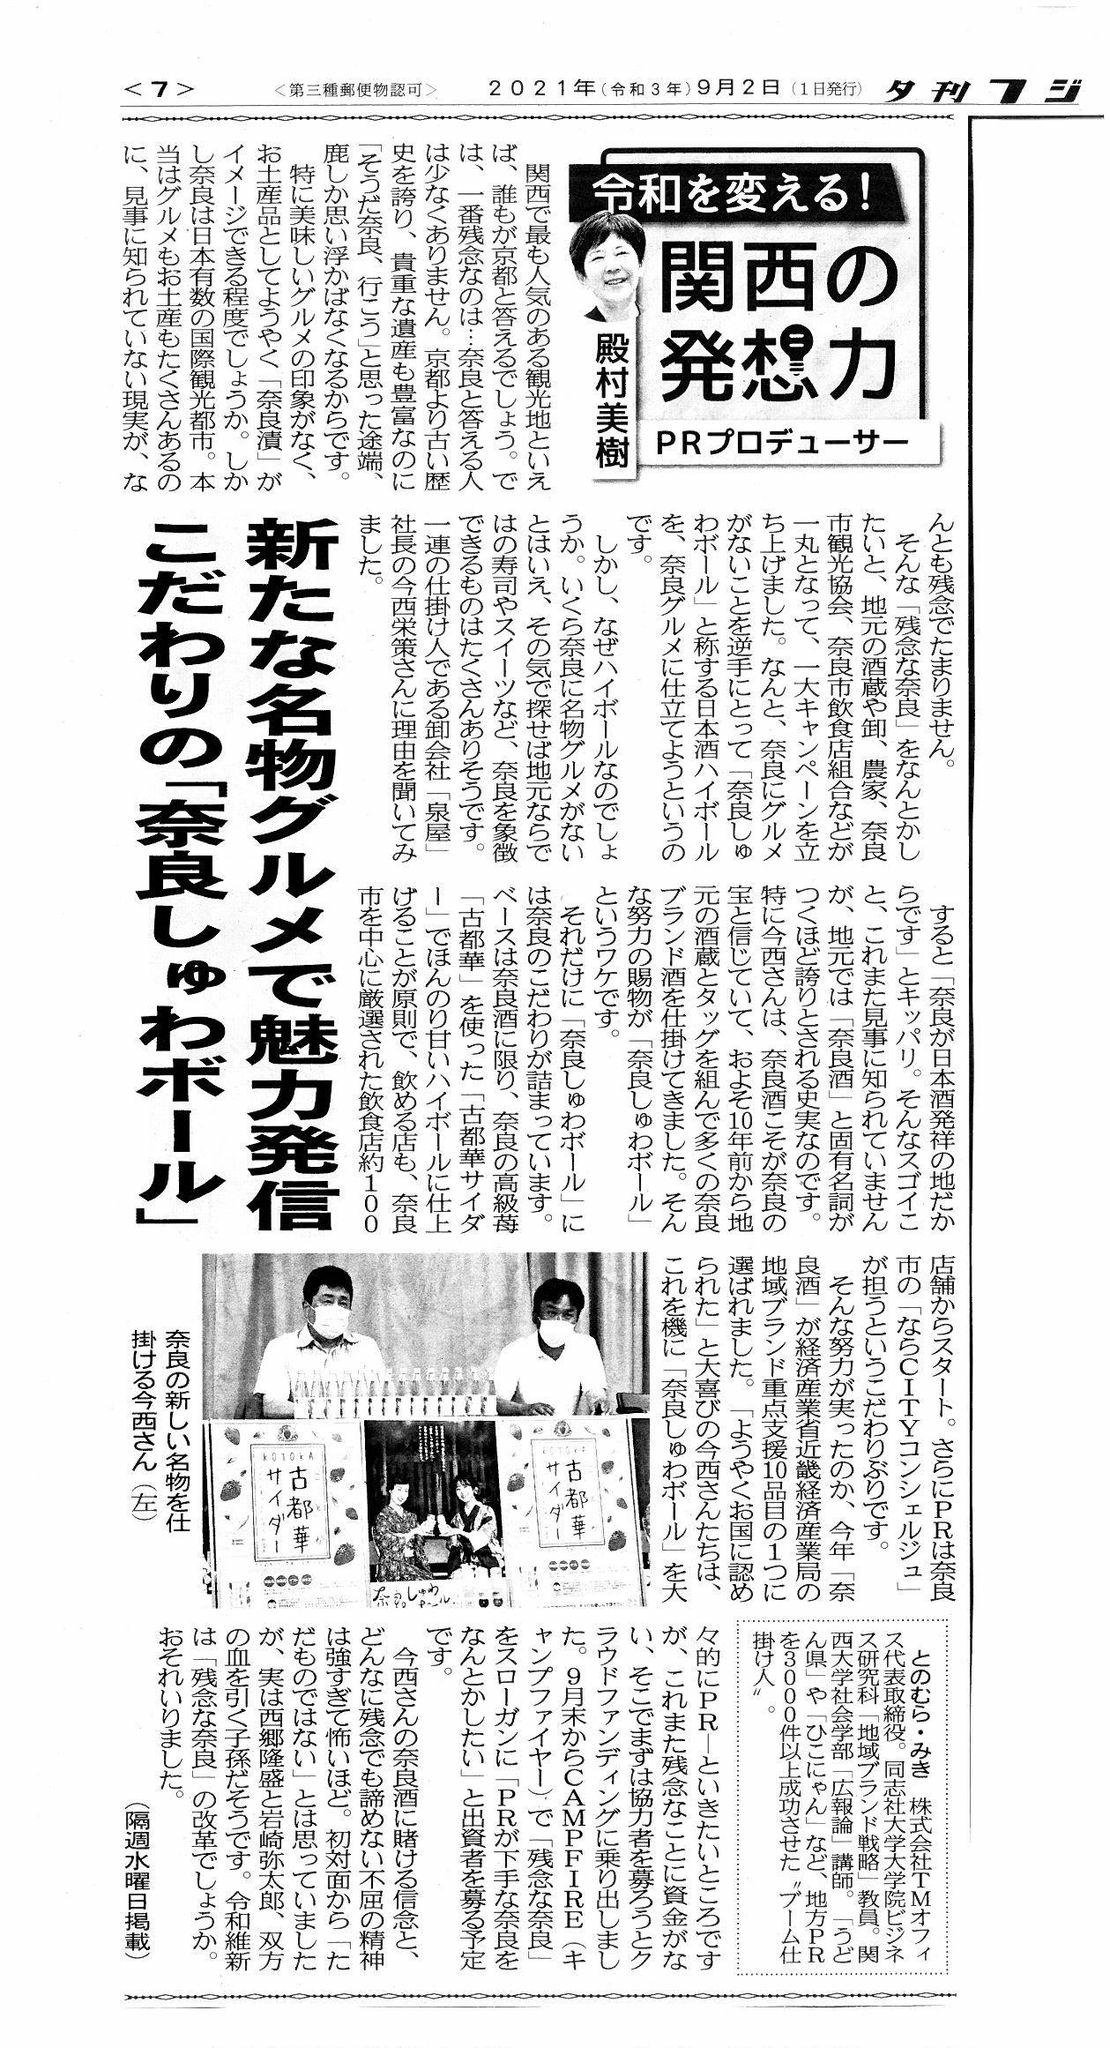 夕刊フジに弊社の取り組みの【奈良しゅわボール】が紹介されます!